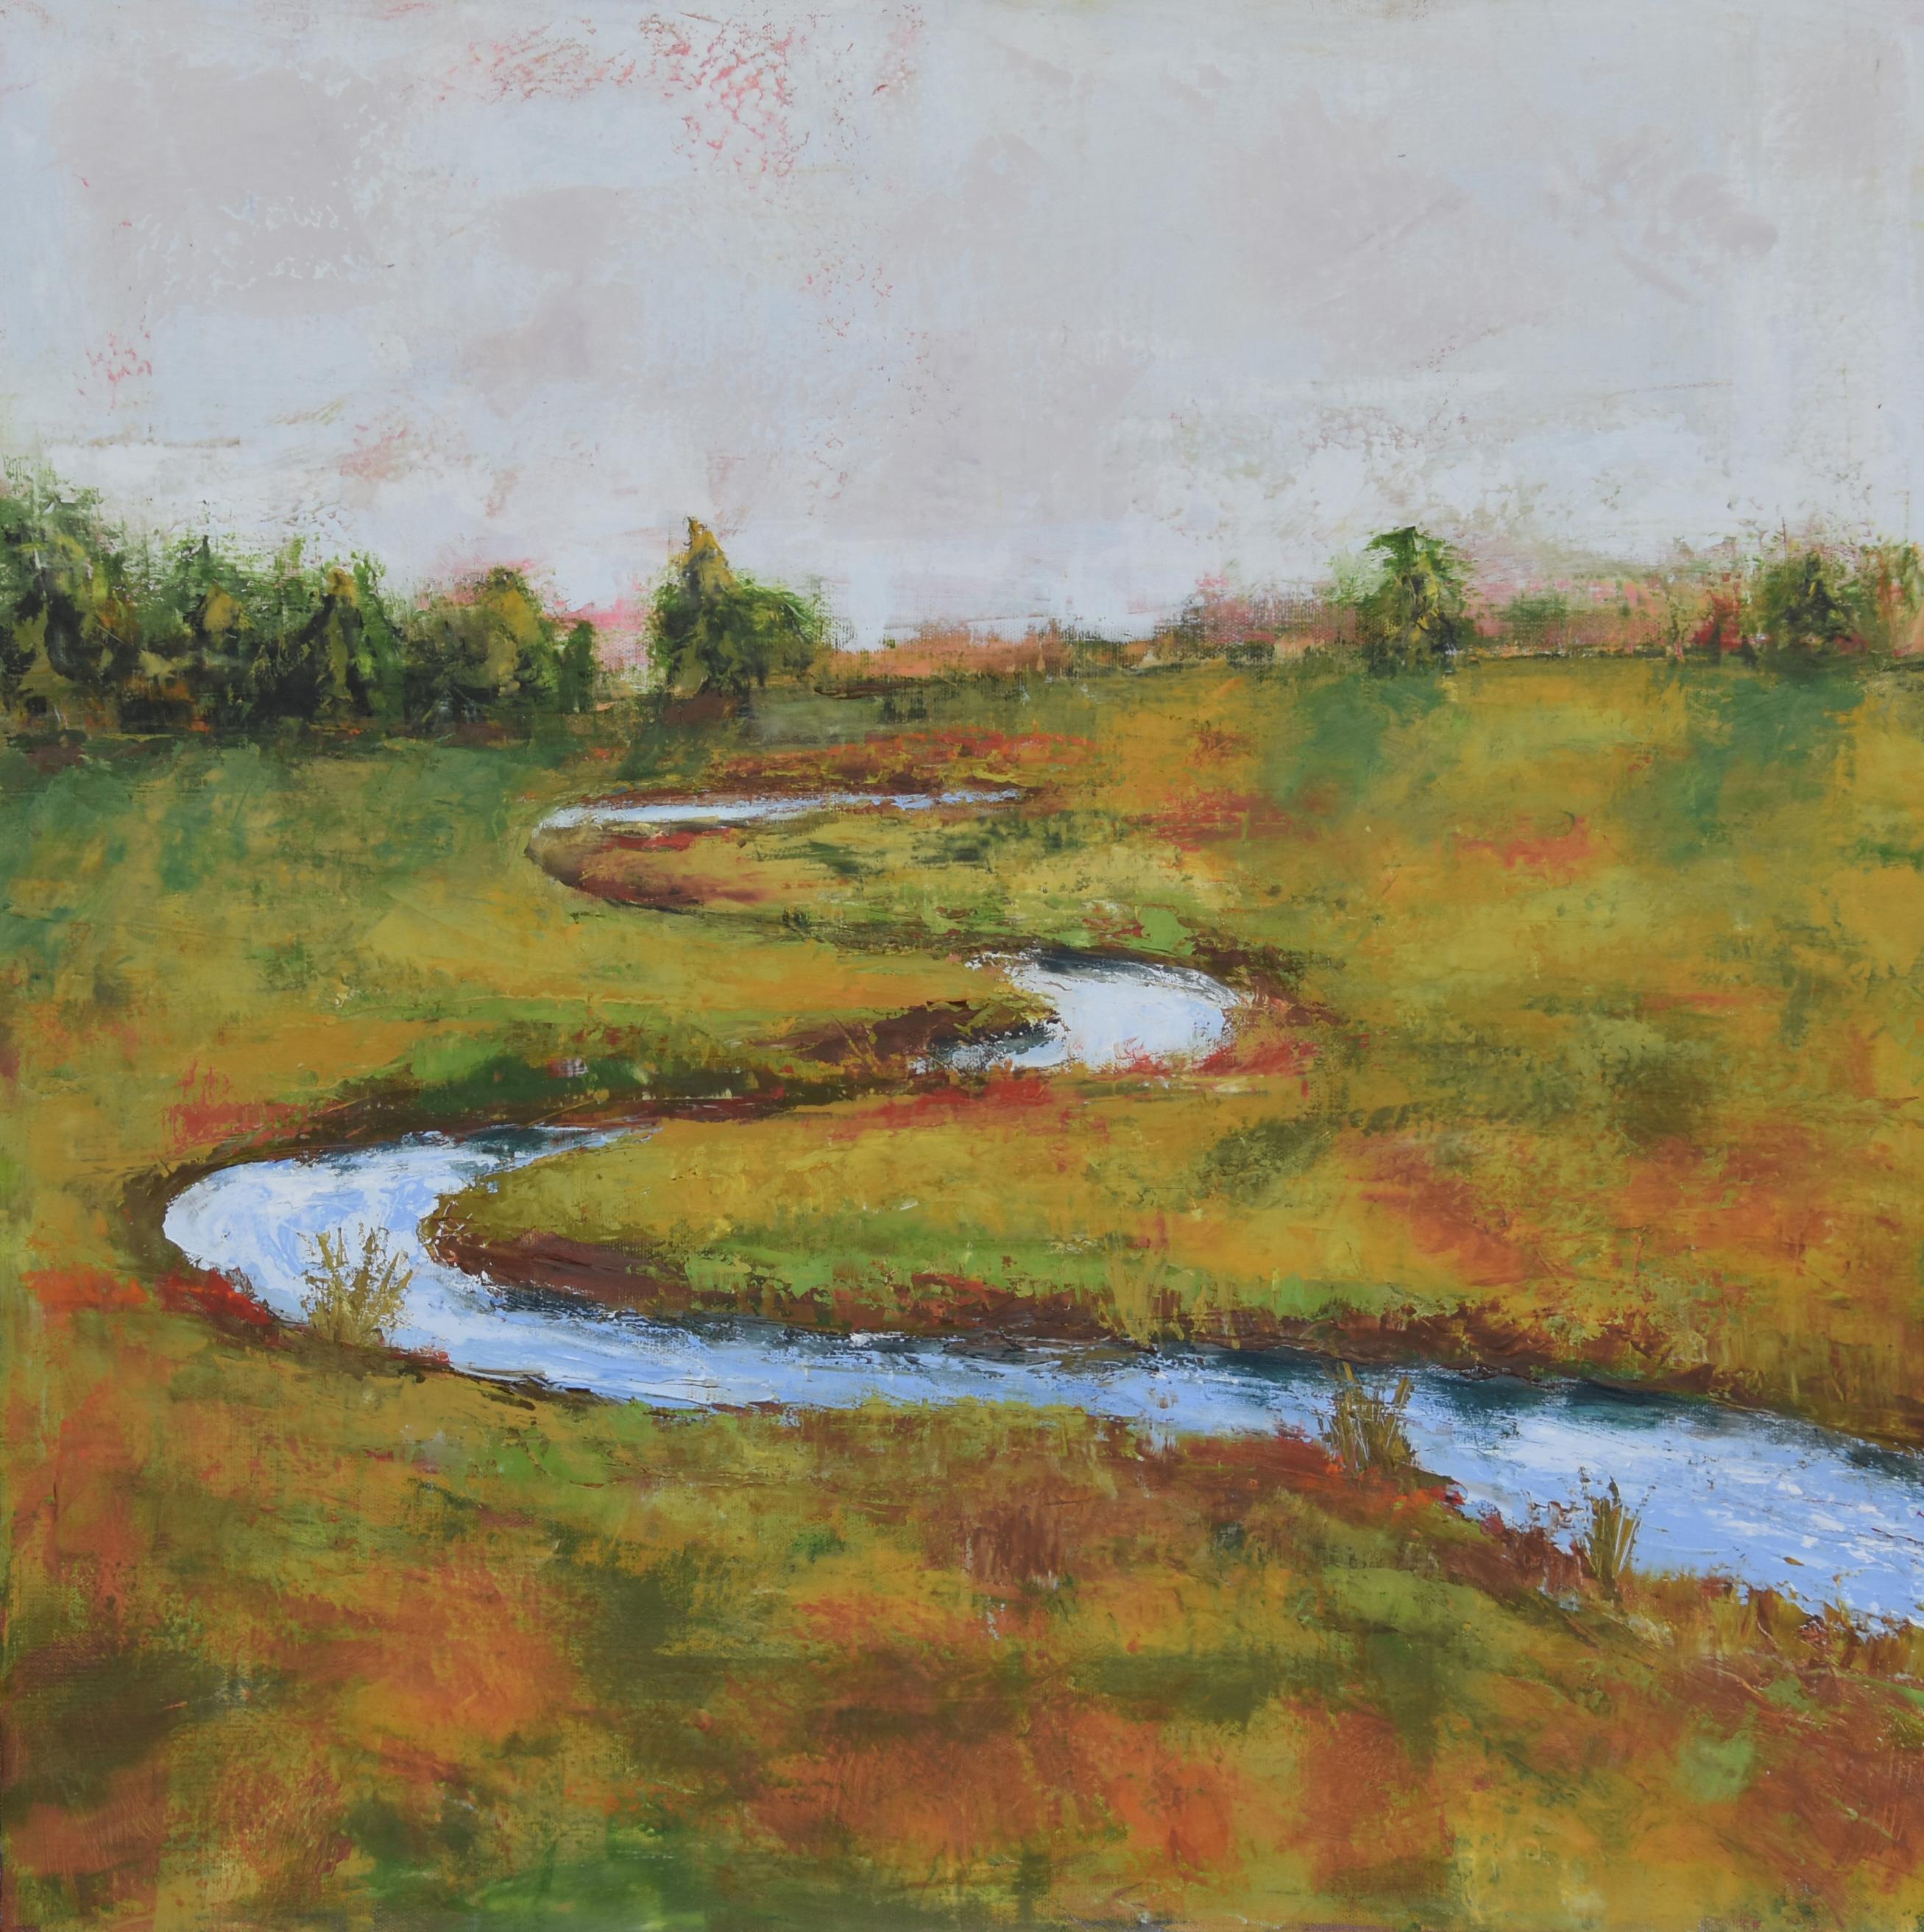 The creek fl7yc4